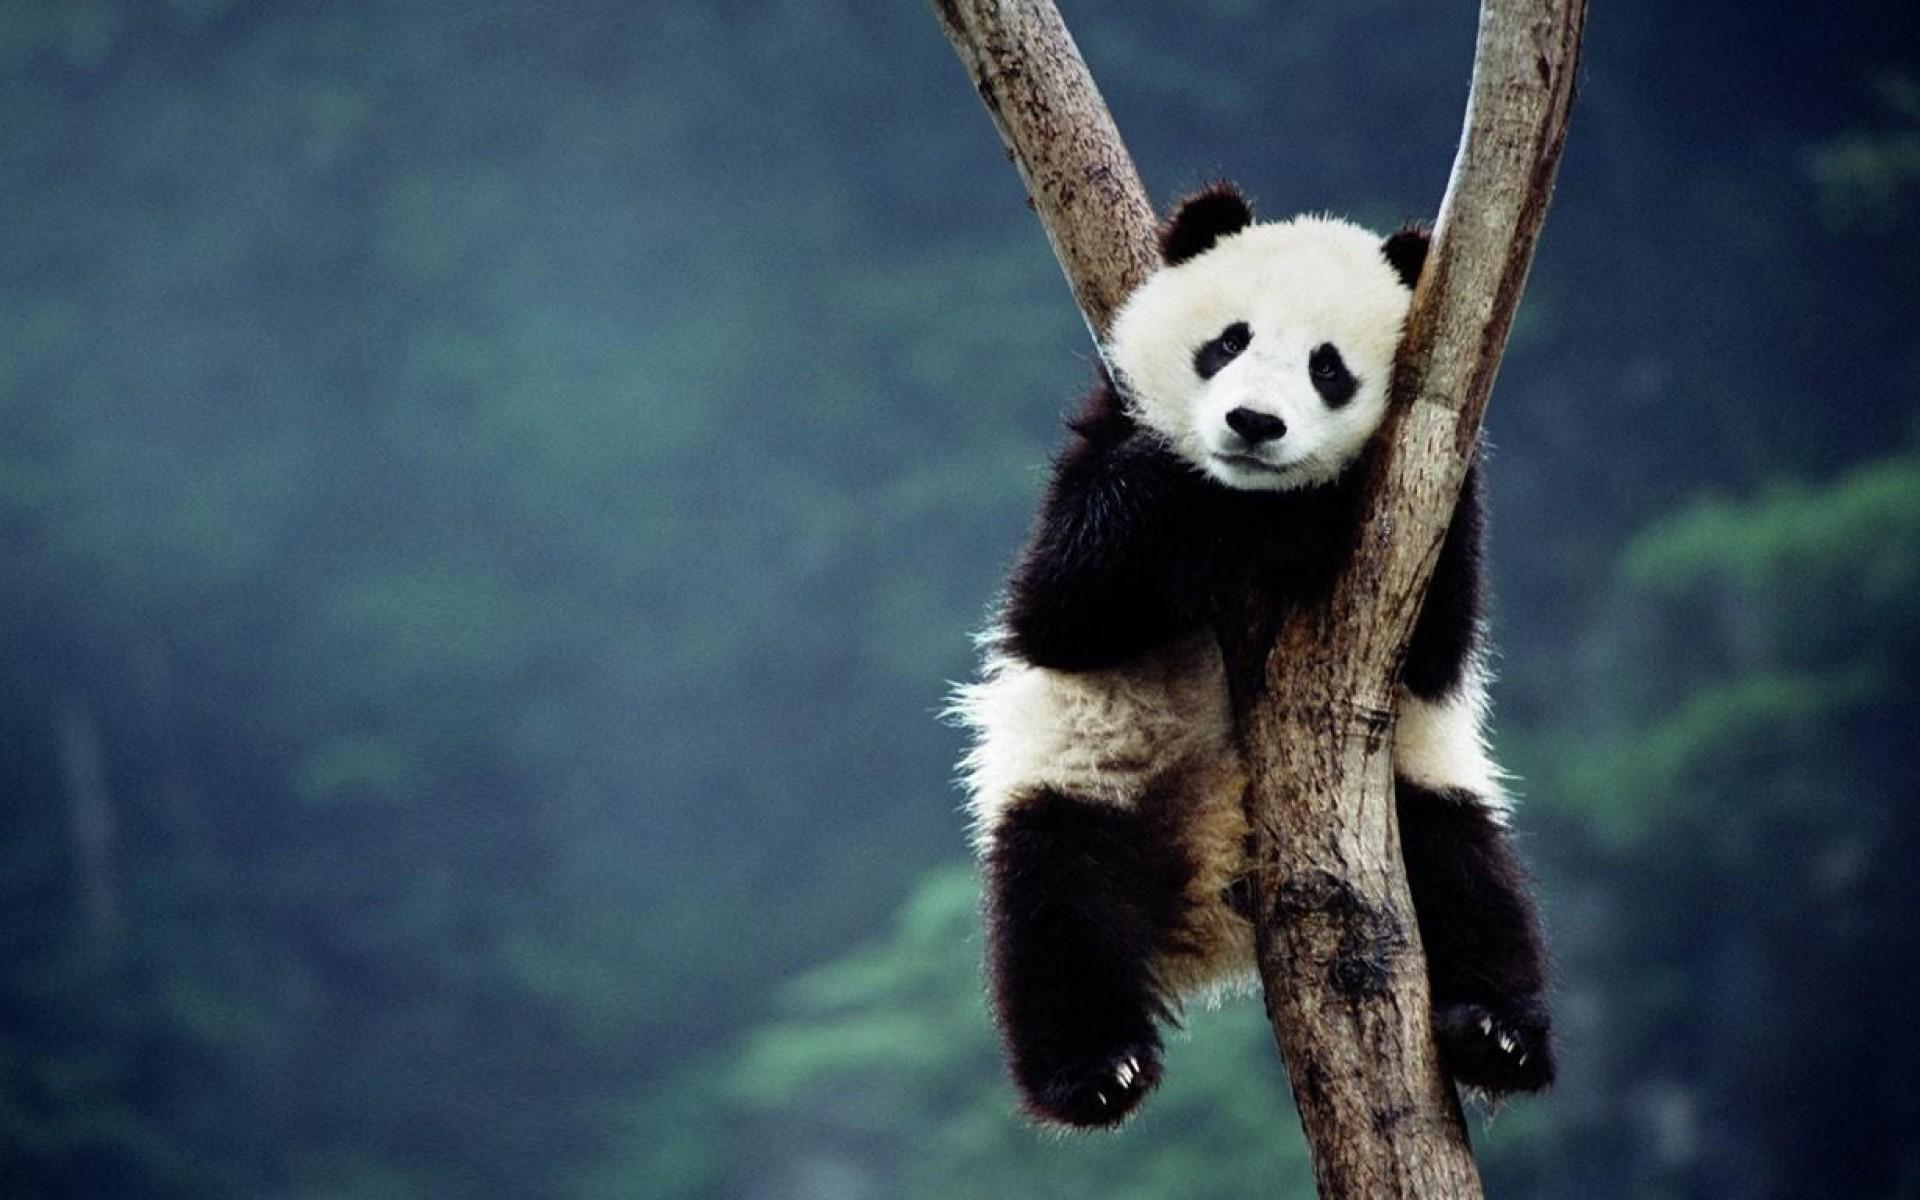 Cute Panda Wallpaper Cute panda climbing wallpaper